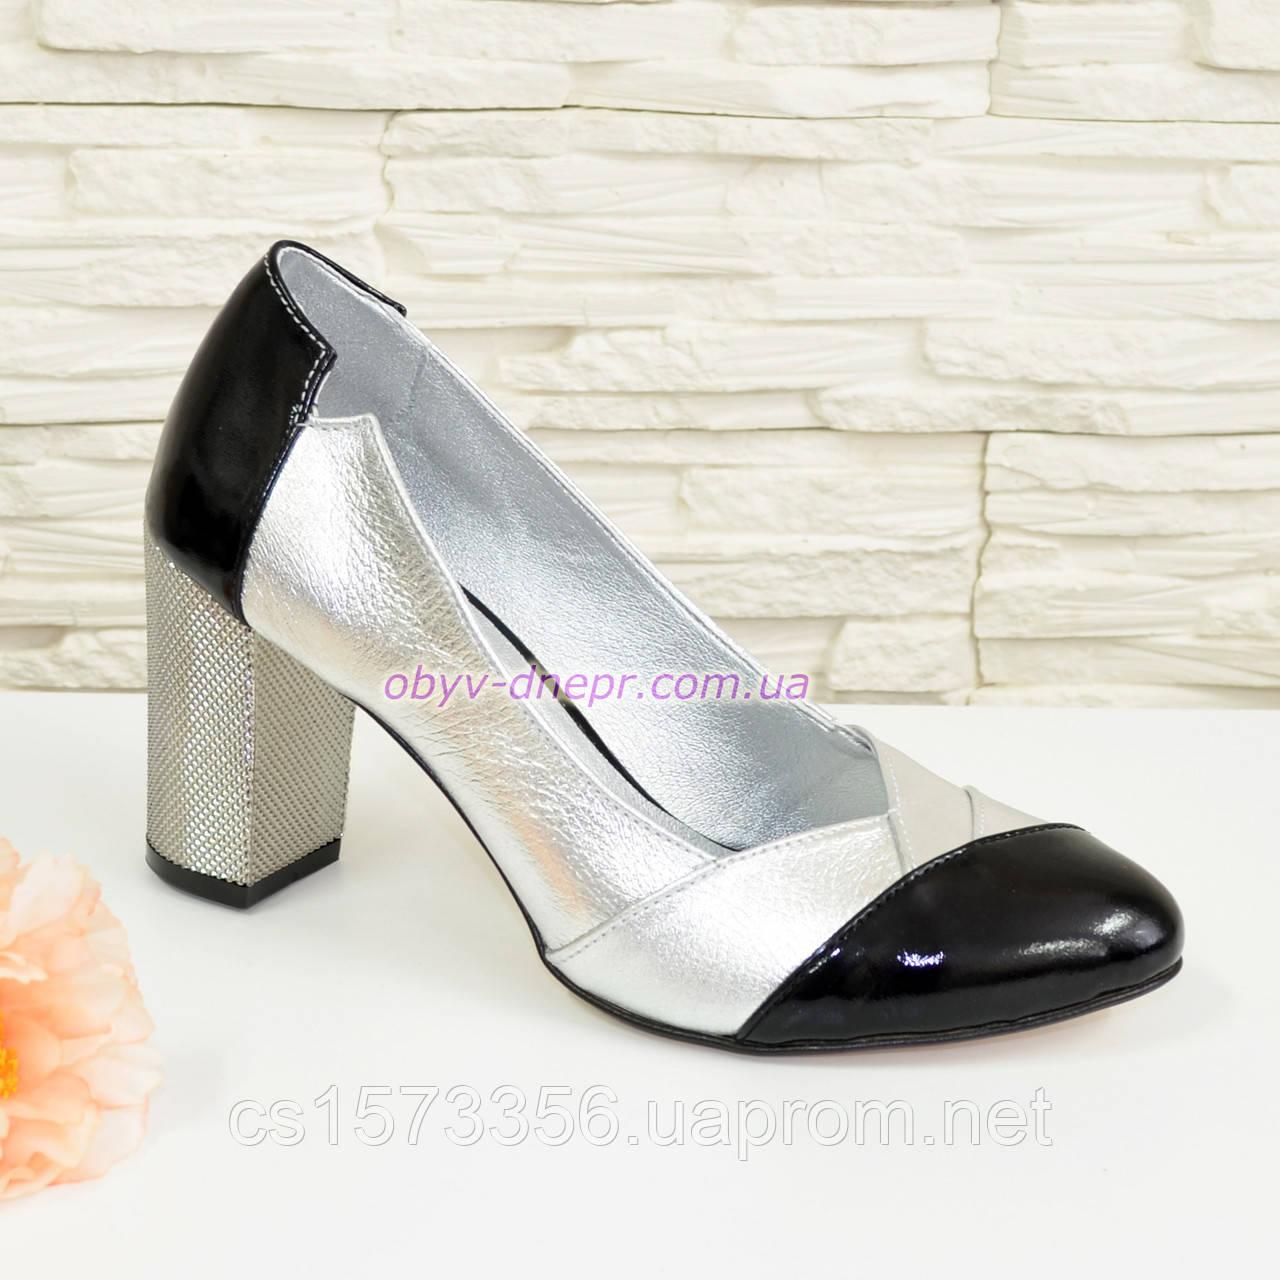 Туфли женские классические на устойчивом каблуке, натуральная кожа и лак.